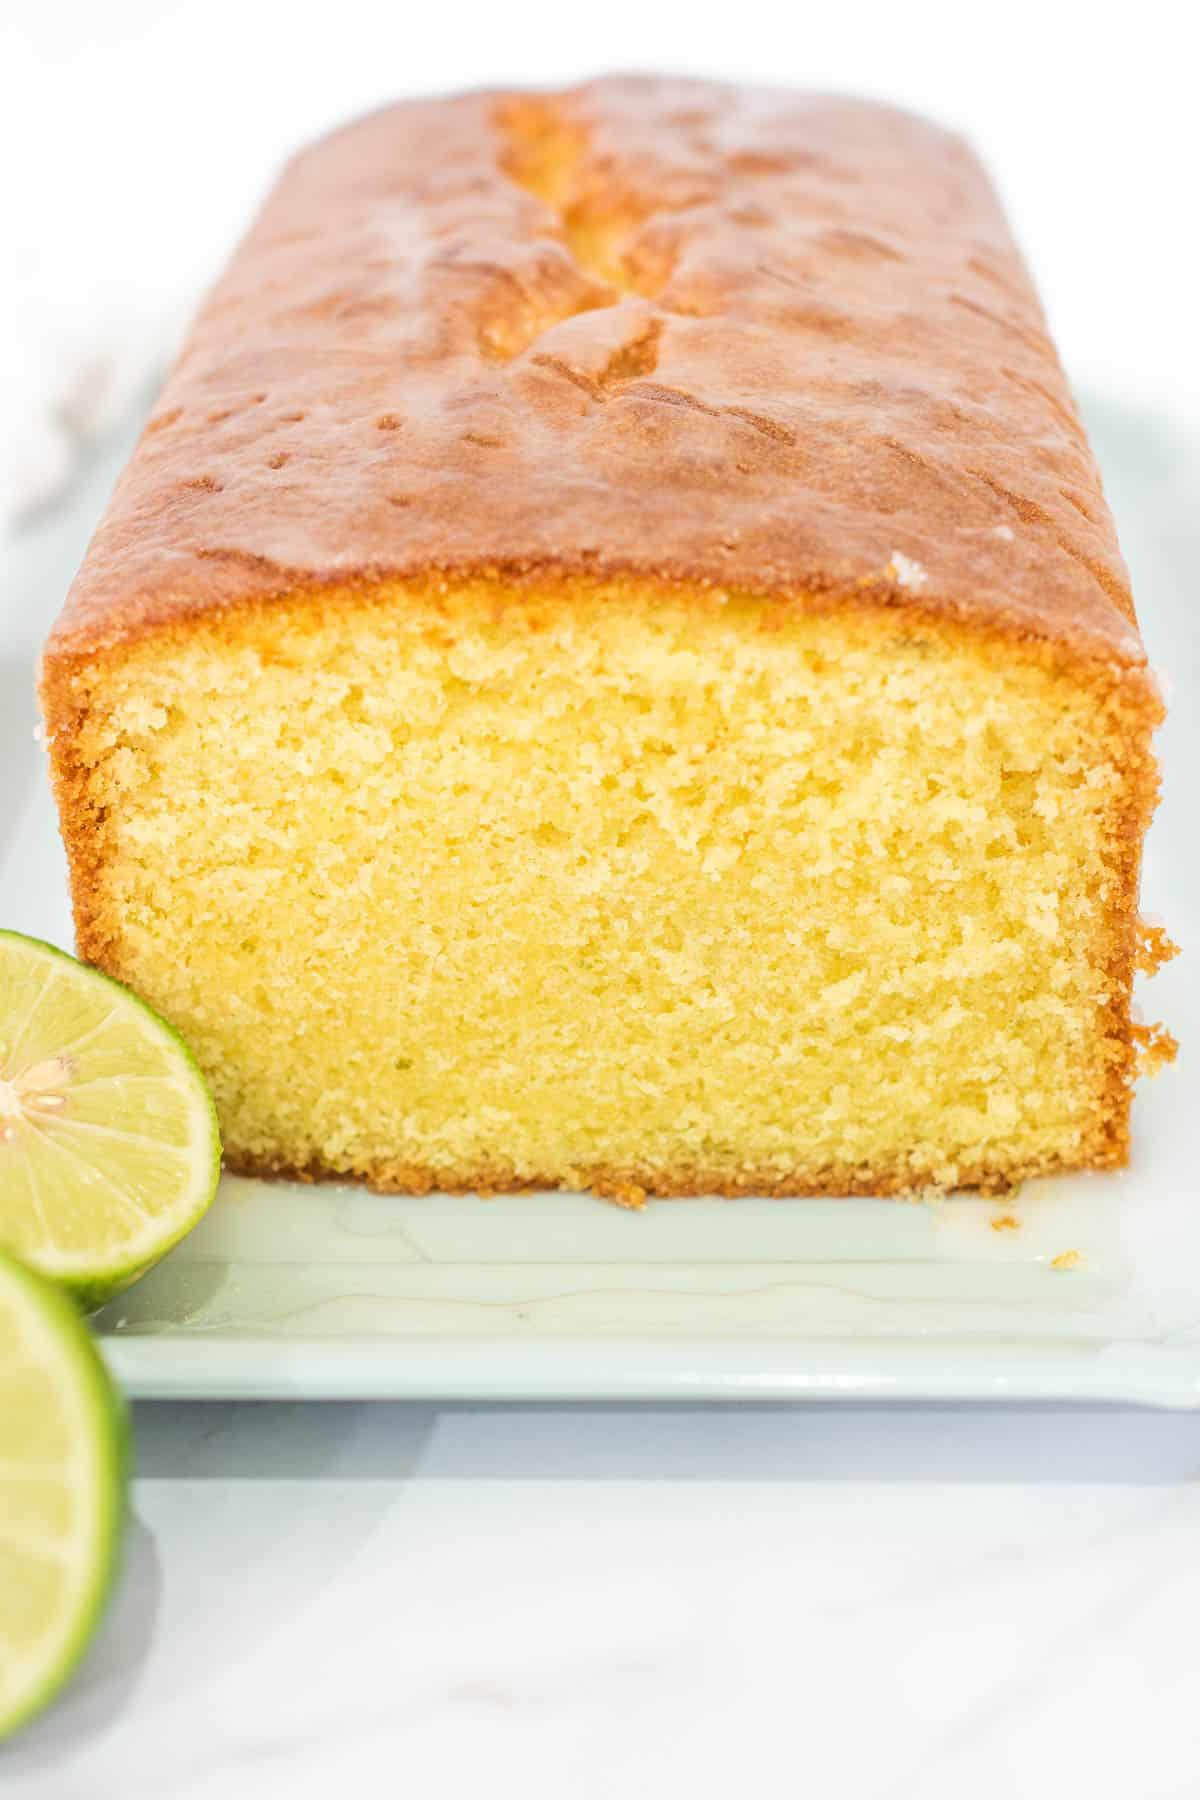 A lime pound cake cut